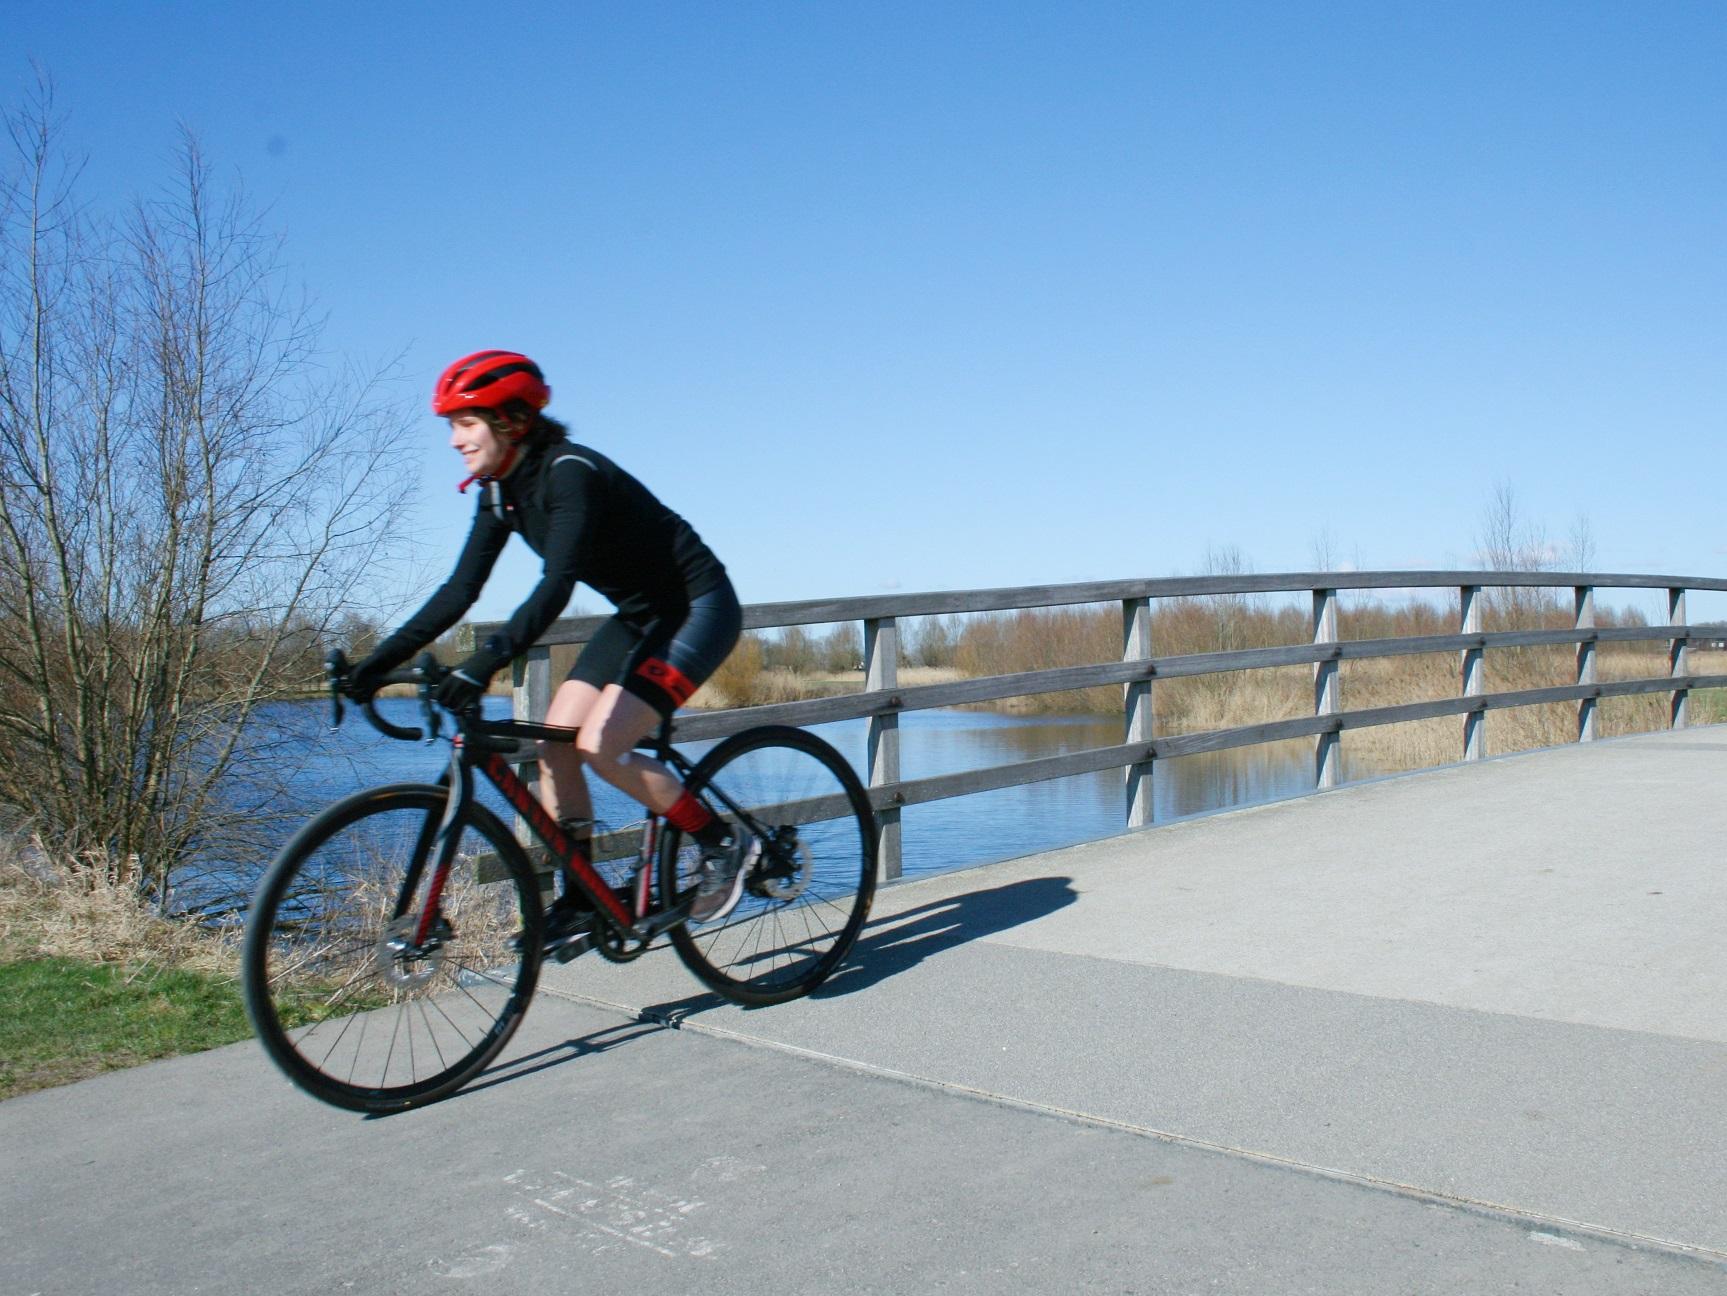 Fysiotherapie en bikefitten, kan dat wel samen?